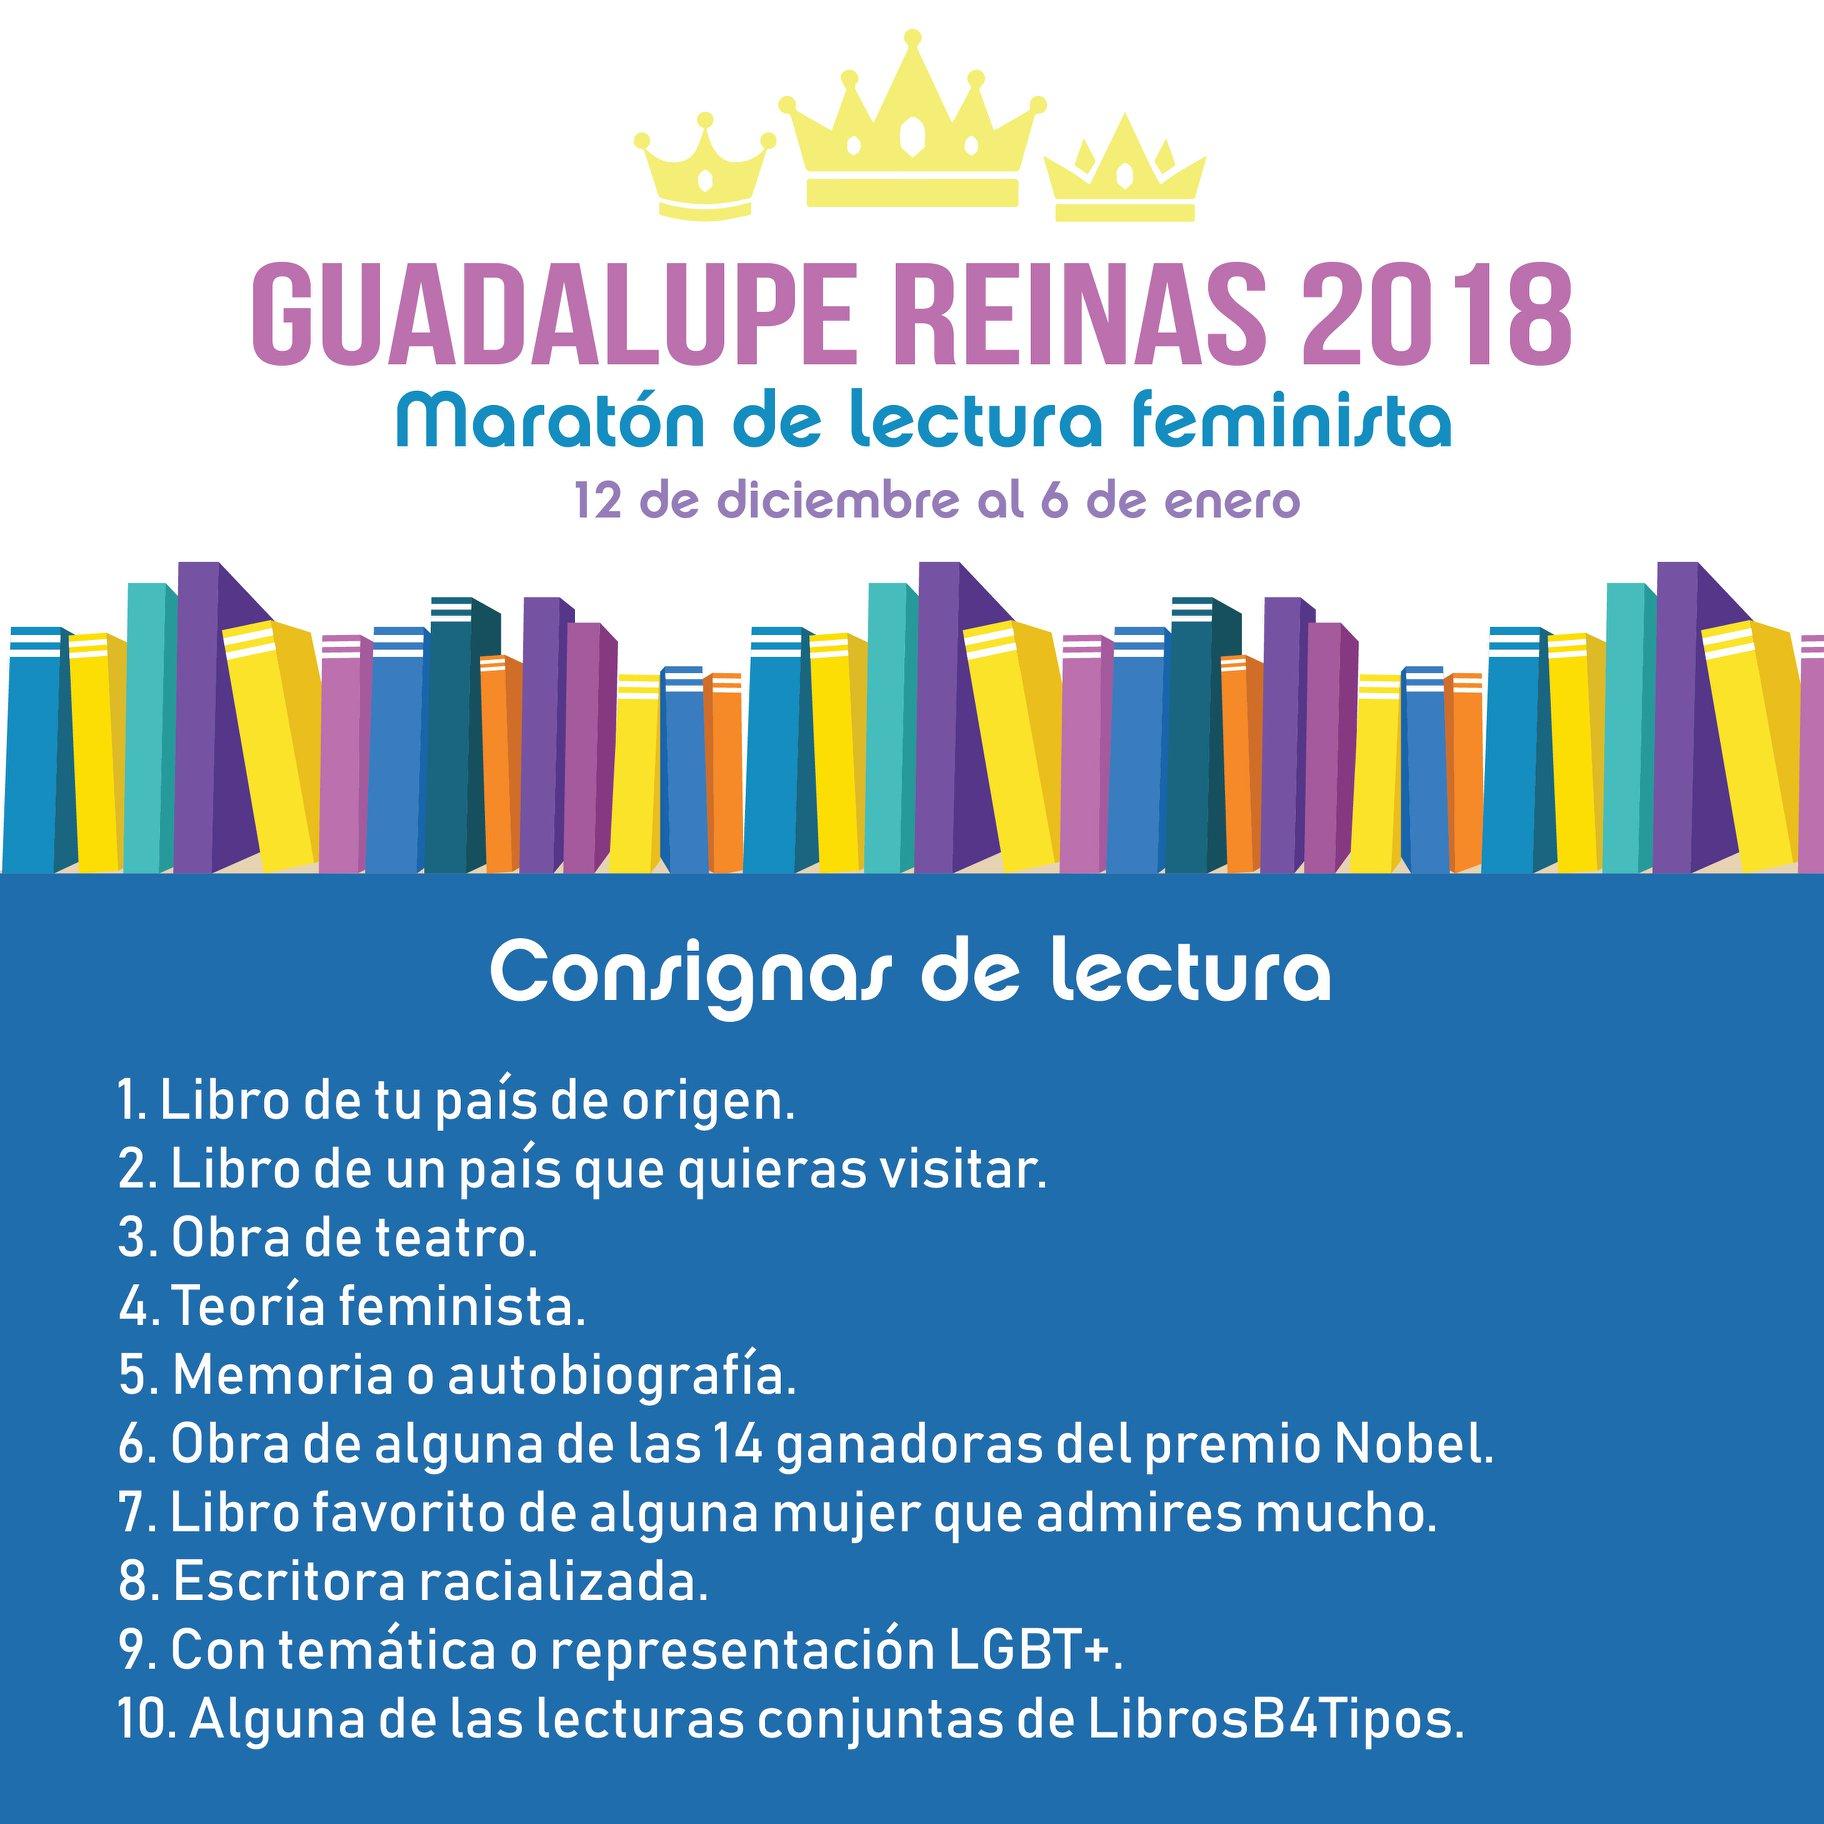 guadalupereinas2018